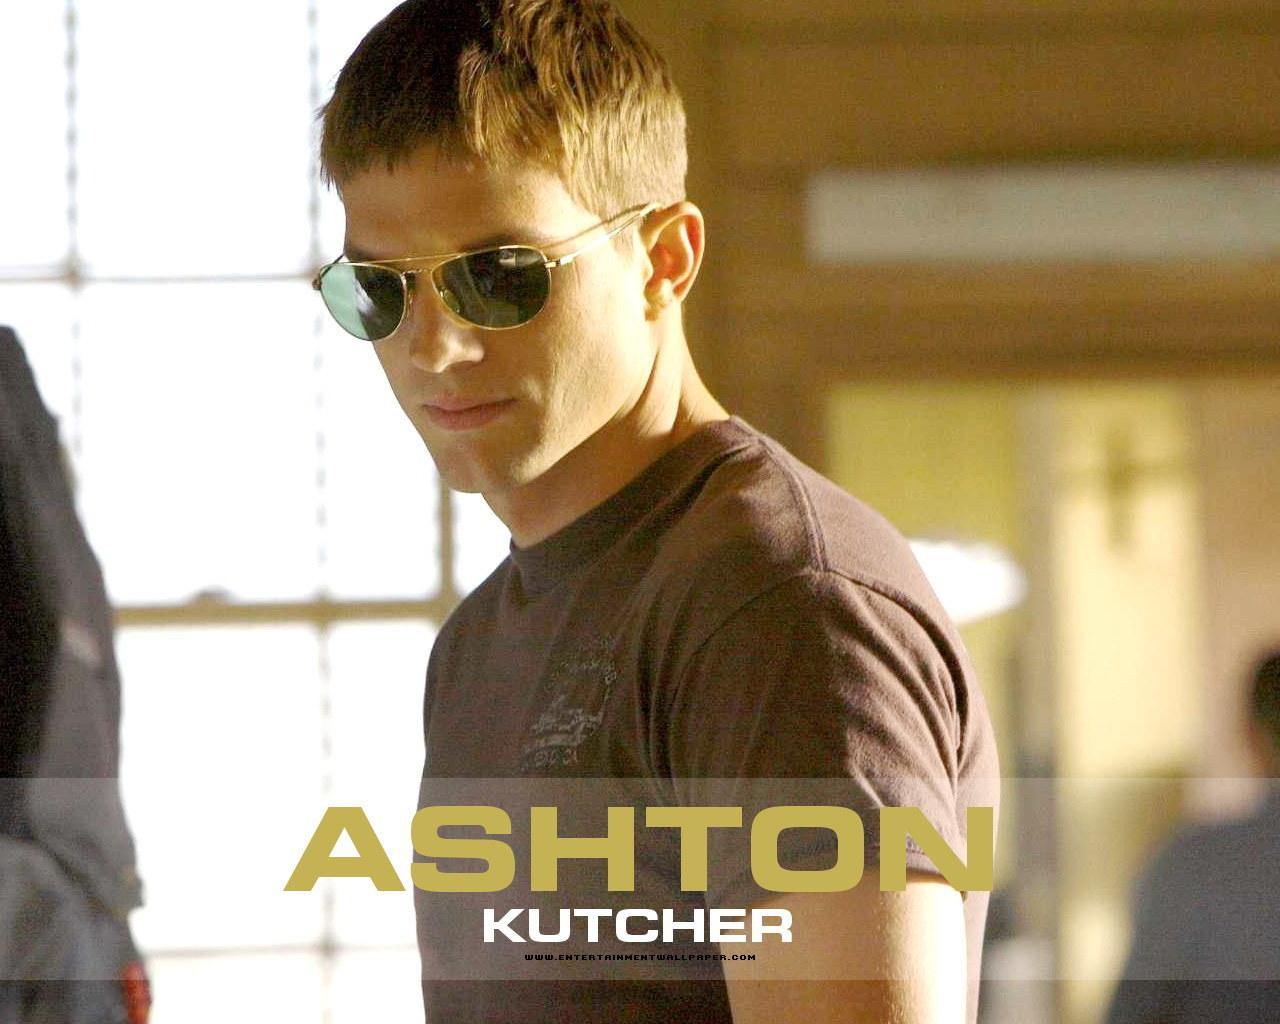 http://3.bp.blogspot.com/-m_enGcGqxBs/T_lnXRi06RI/AAAAAAAADs8/9O1RELpTqJ4/s1600/Ashton--kutcher-HD-Wallpaper-2012-01.jpg